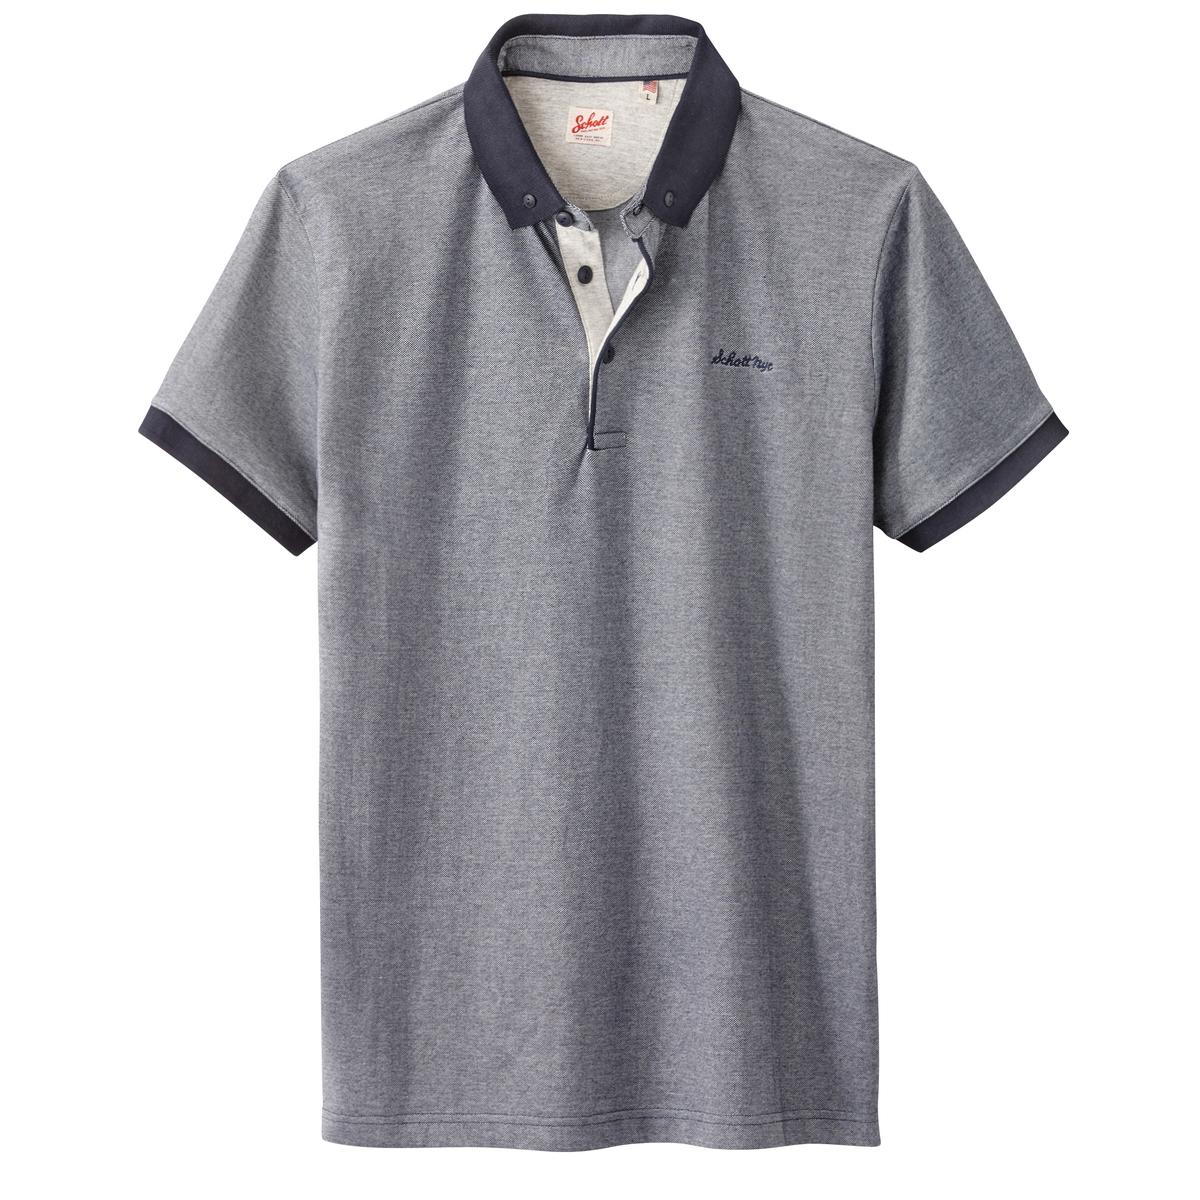 zeroottouno футболка с короткими рукавами Футболка-поло с короткими рукавами